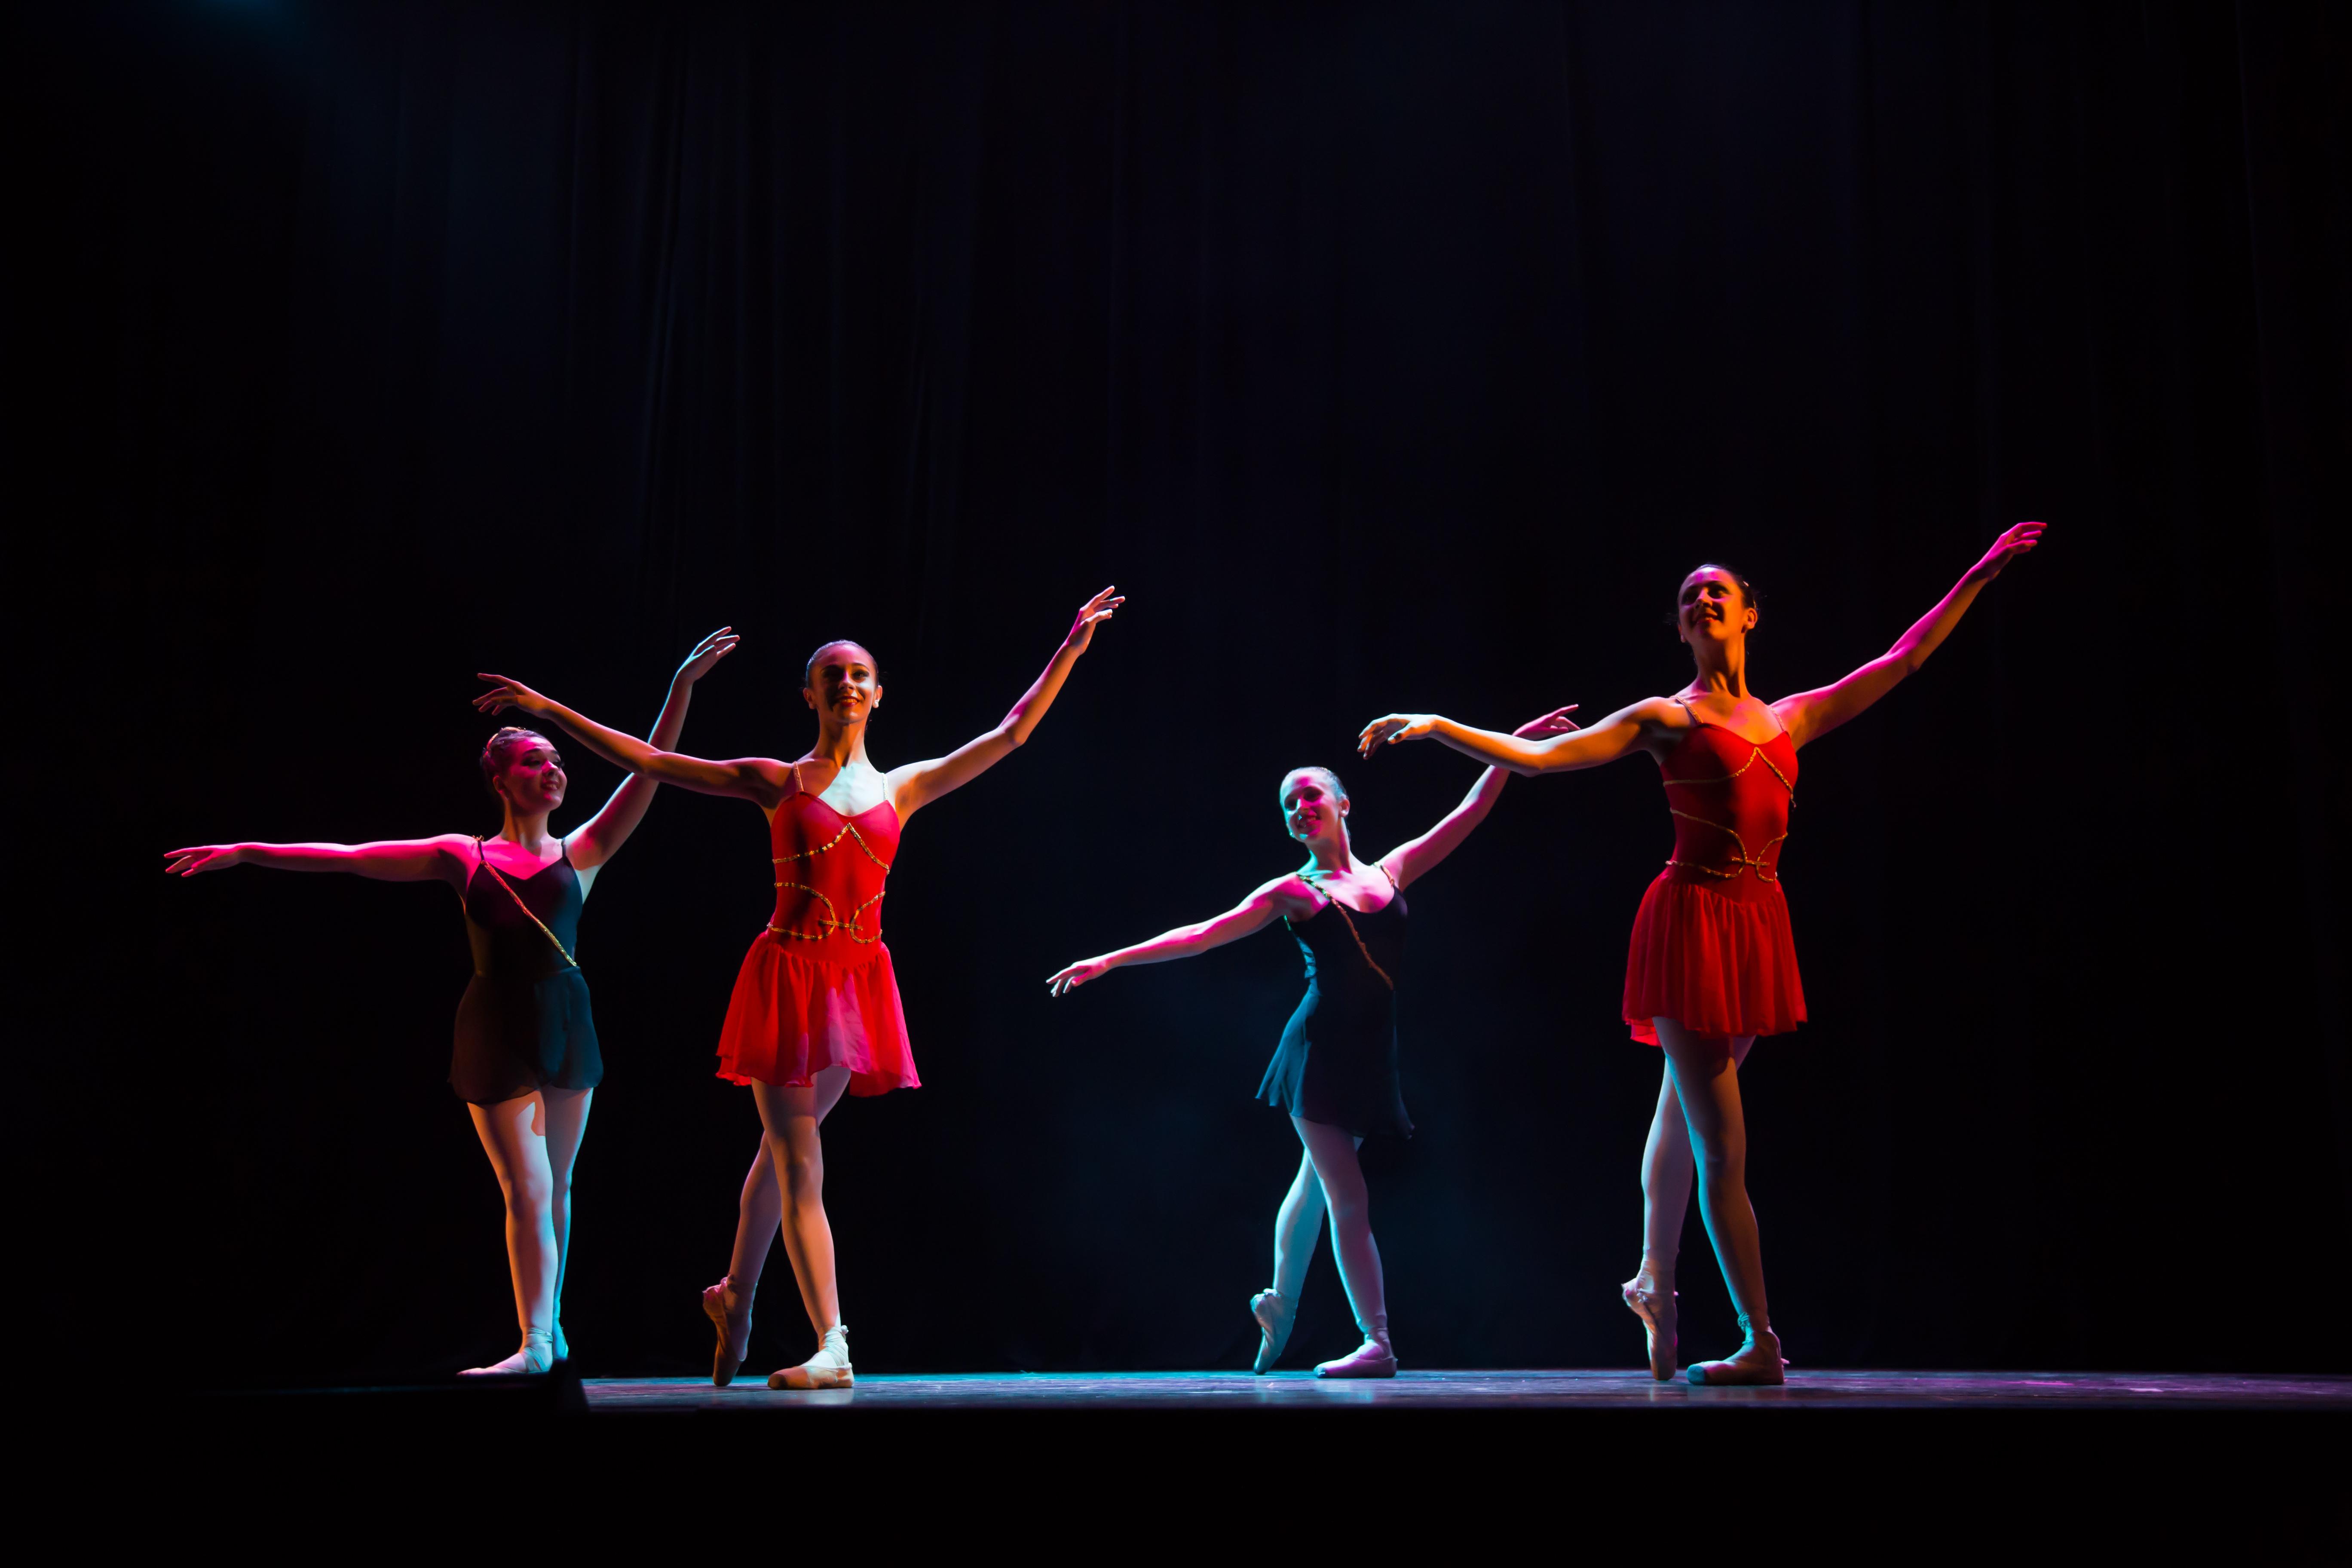 Danza en el Teatro Municipal Gregorio De Laferrere @ Teatro Municipal Gregorio De Laferrere | Morón | Buenos Aires | Argentina